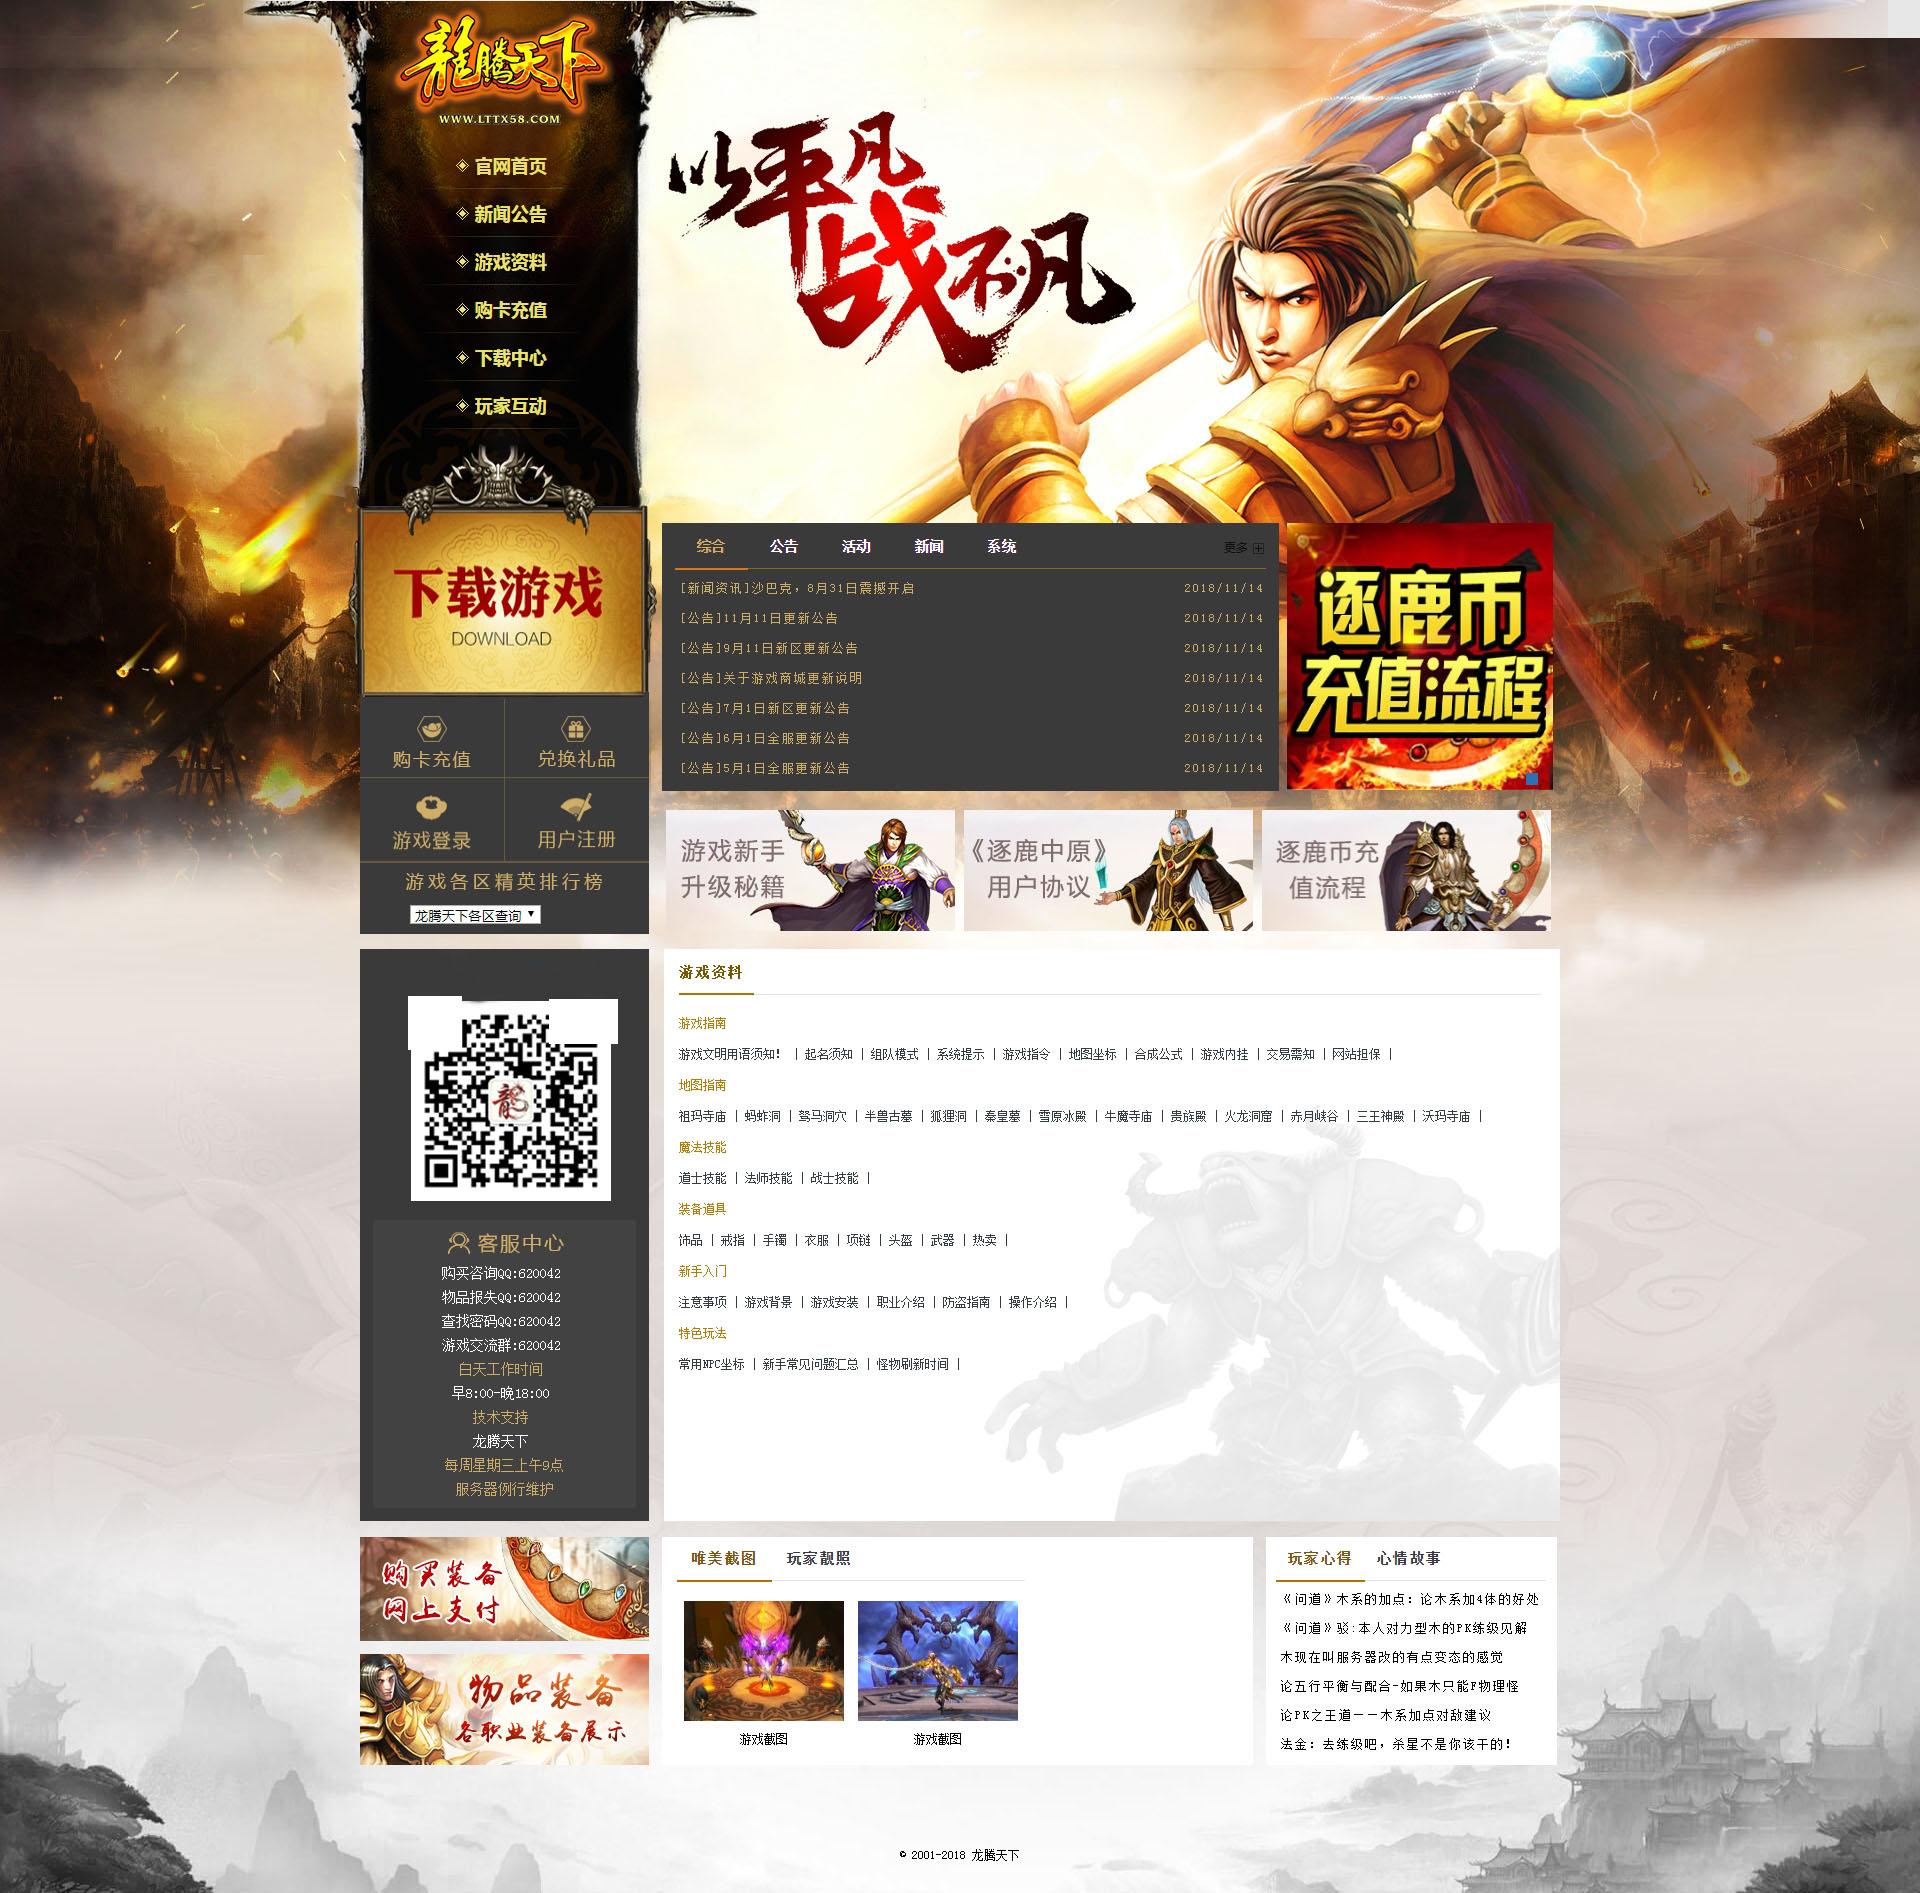 《龙腾天下》 游戏网模版PHP《龙腾天下》 游戏网模版PHP